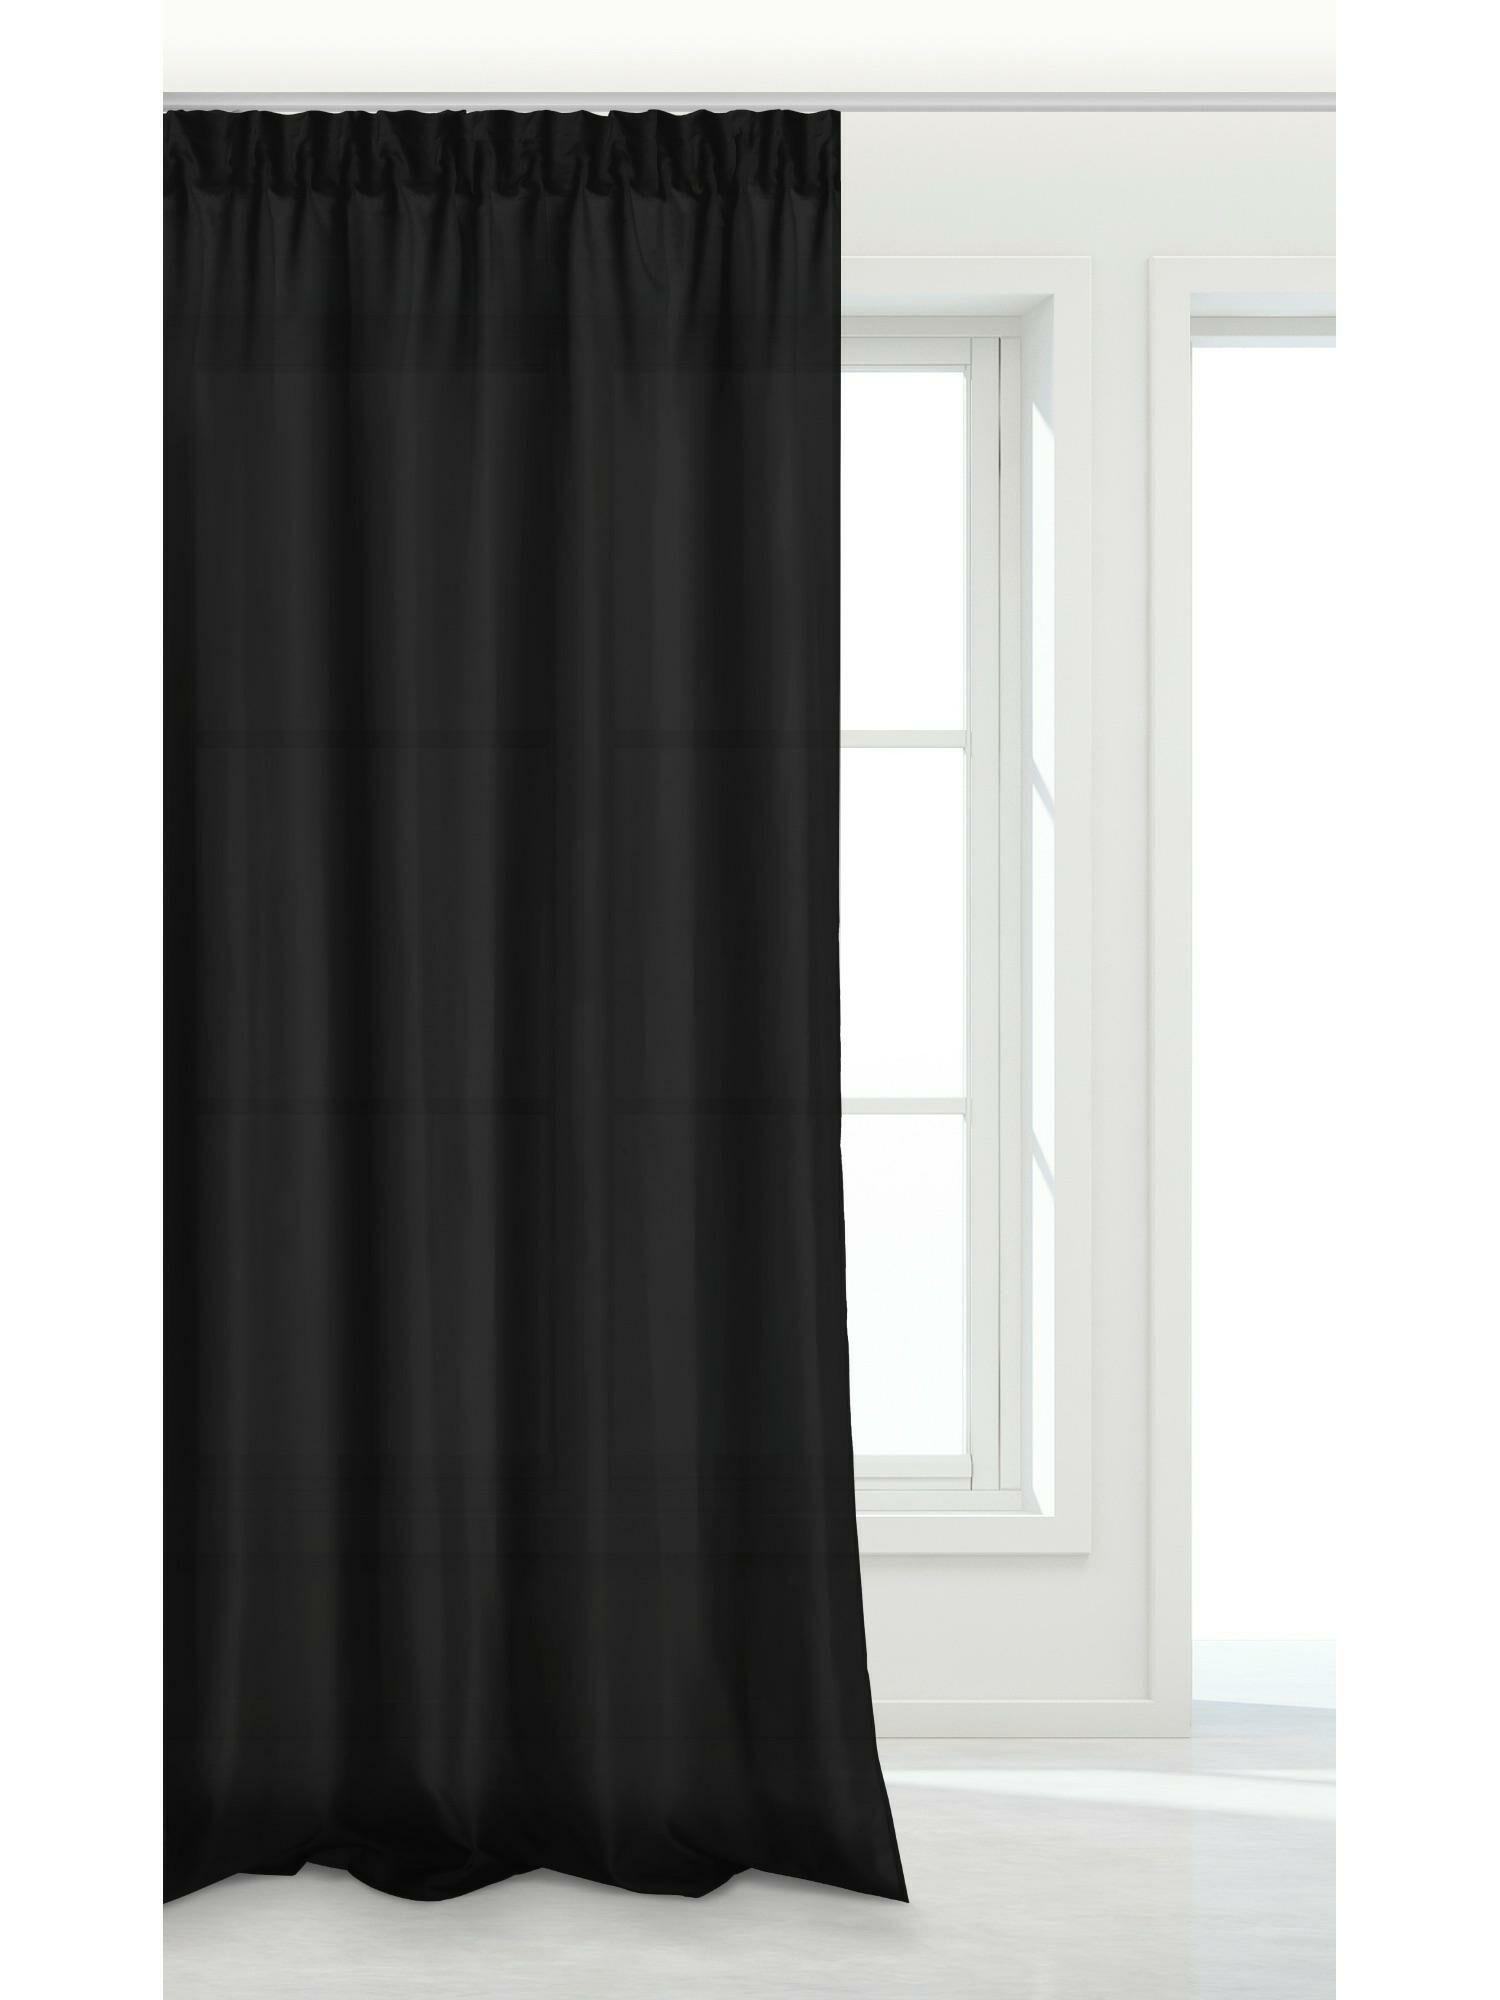 Zasłona gotowa czarna 140x175 na taśmie Viva do salonu